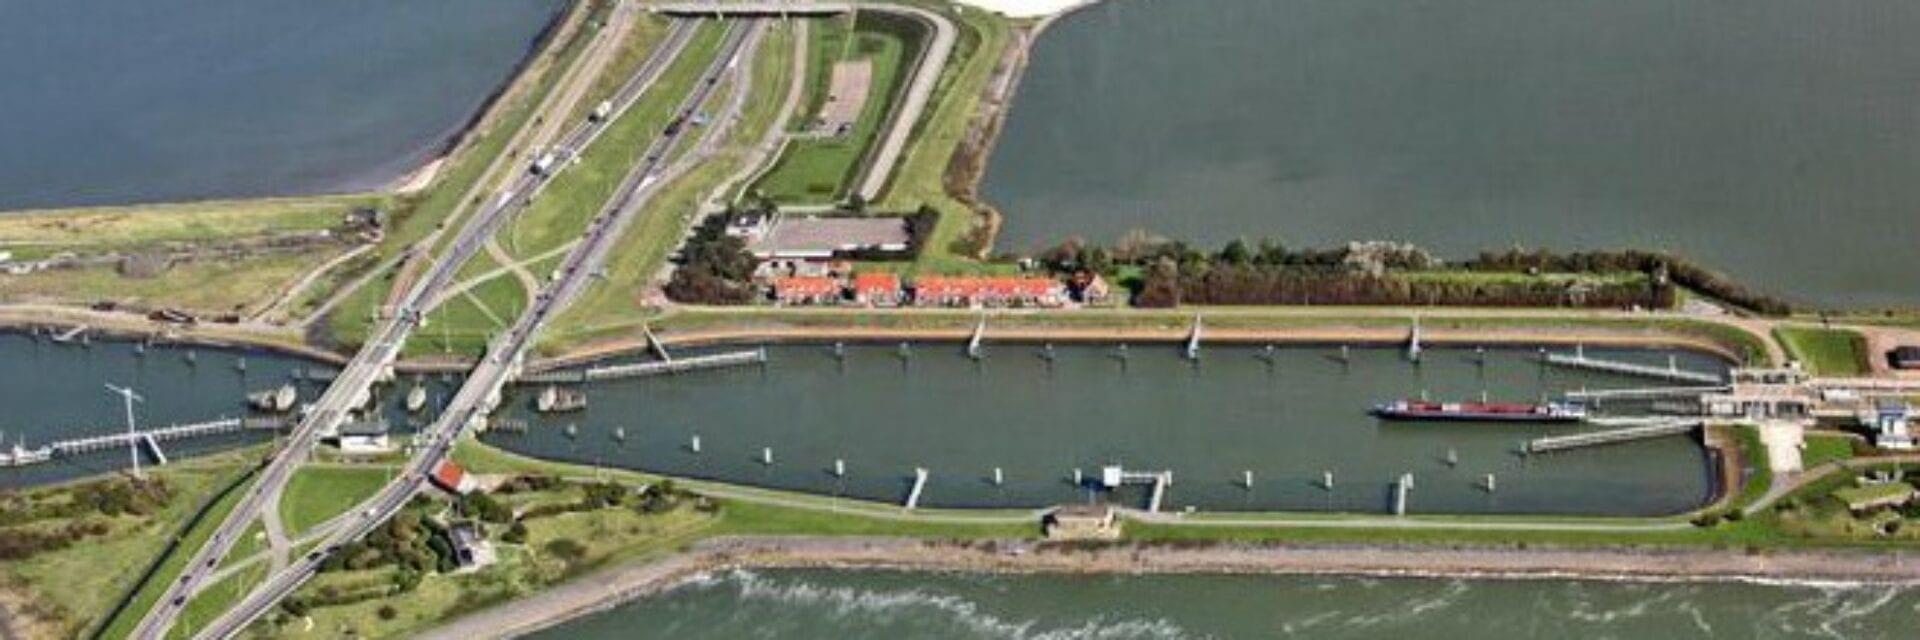 Kornwerderzand aerial view